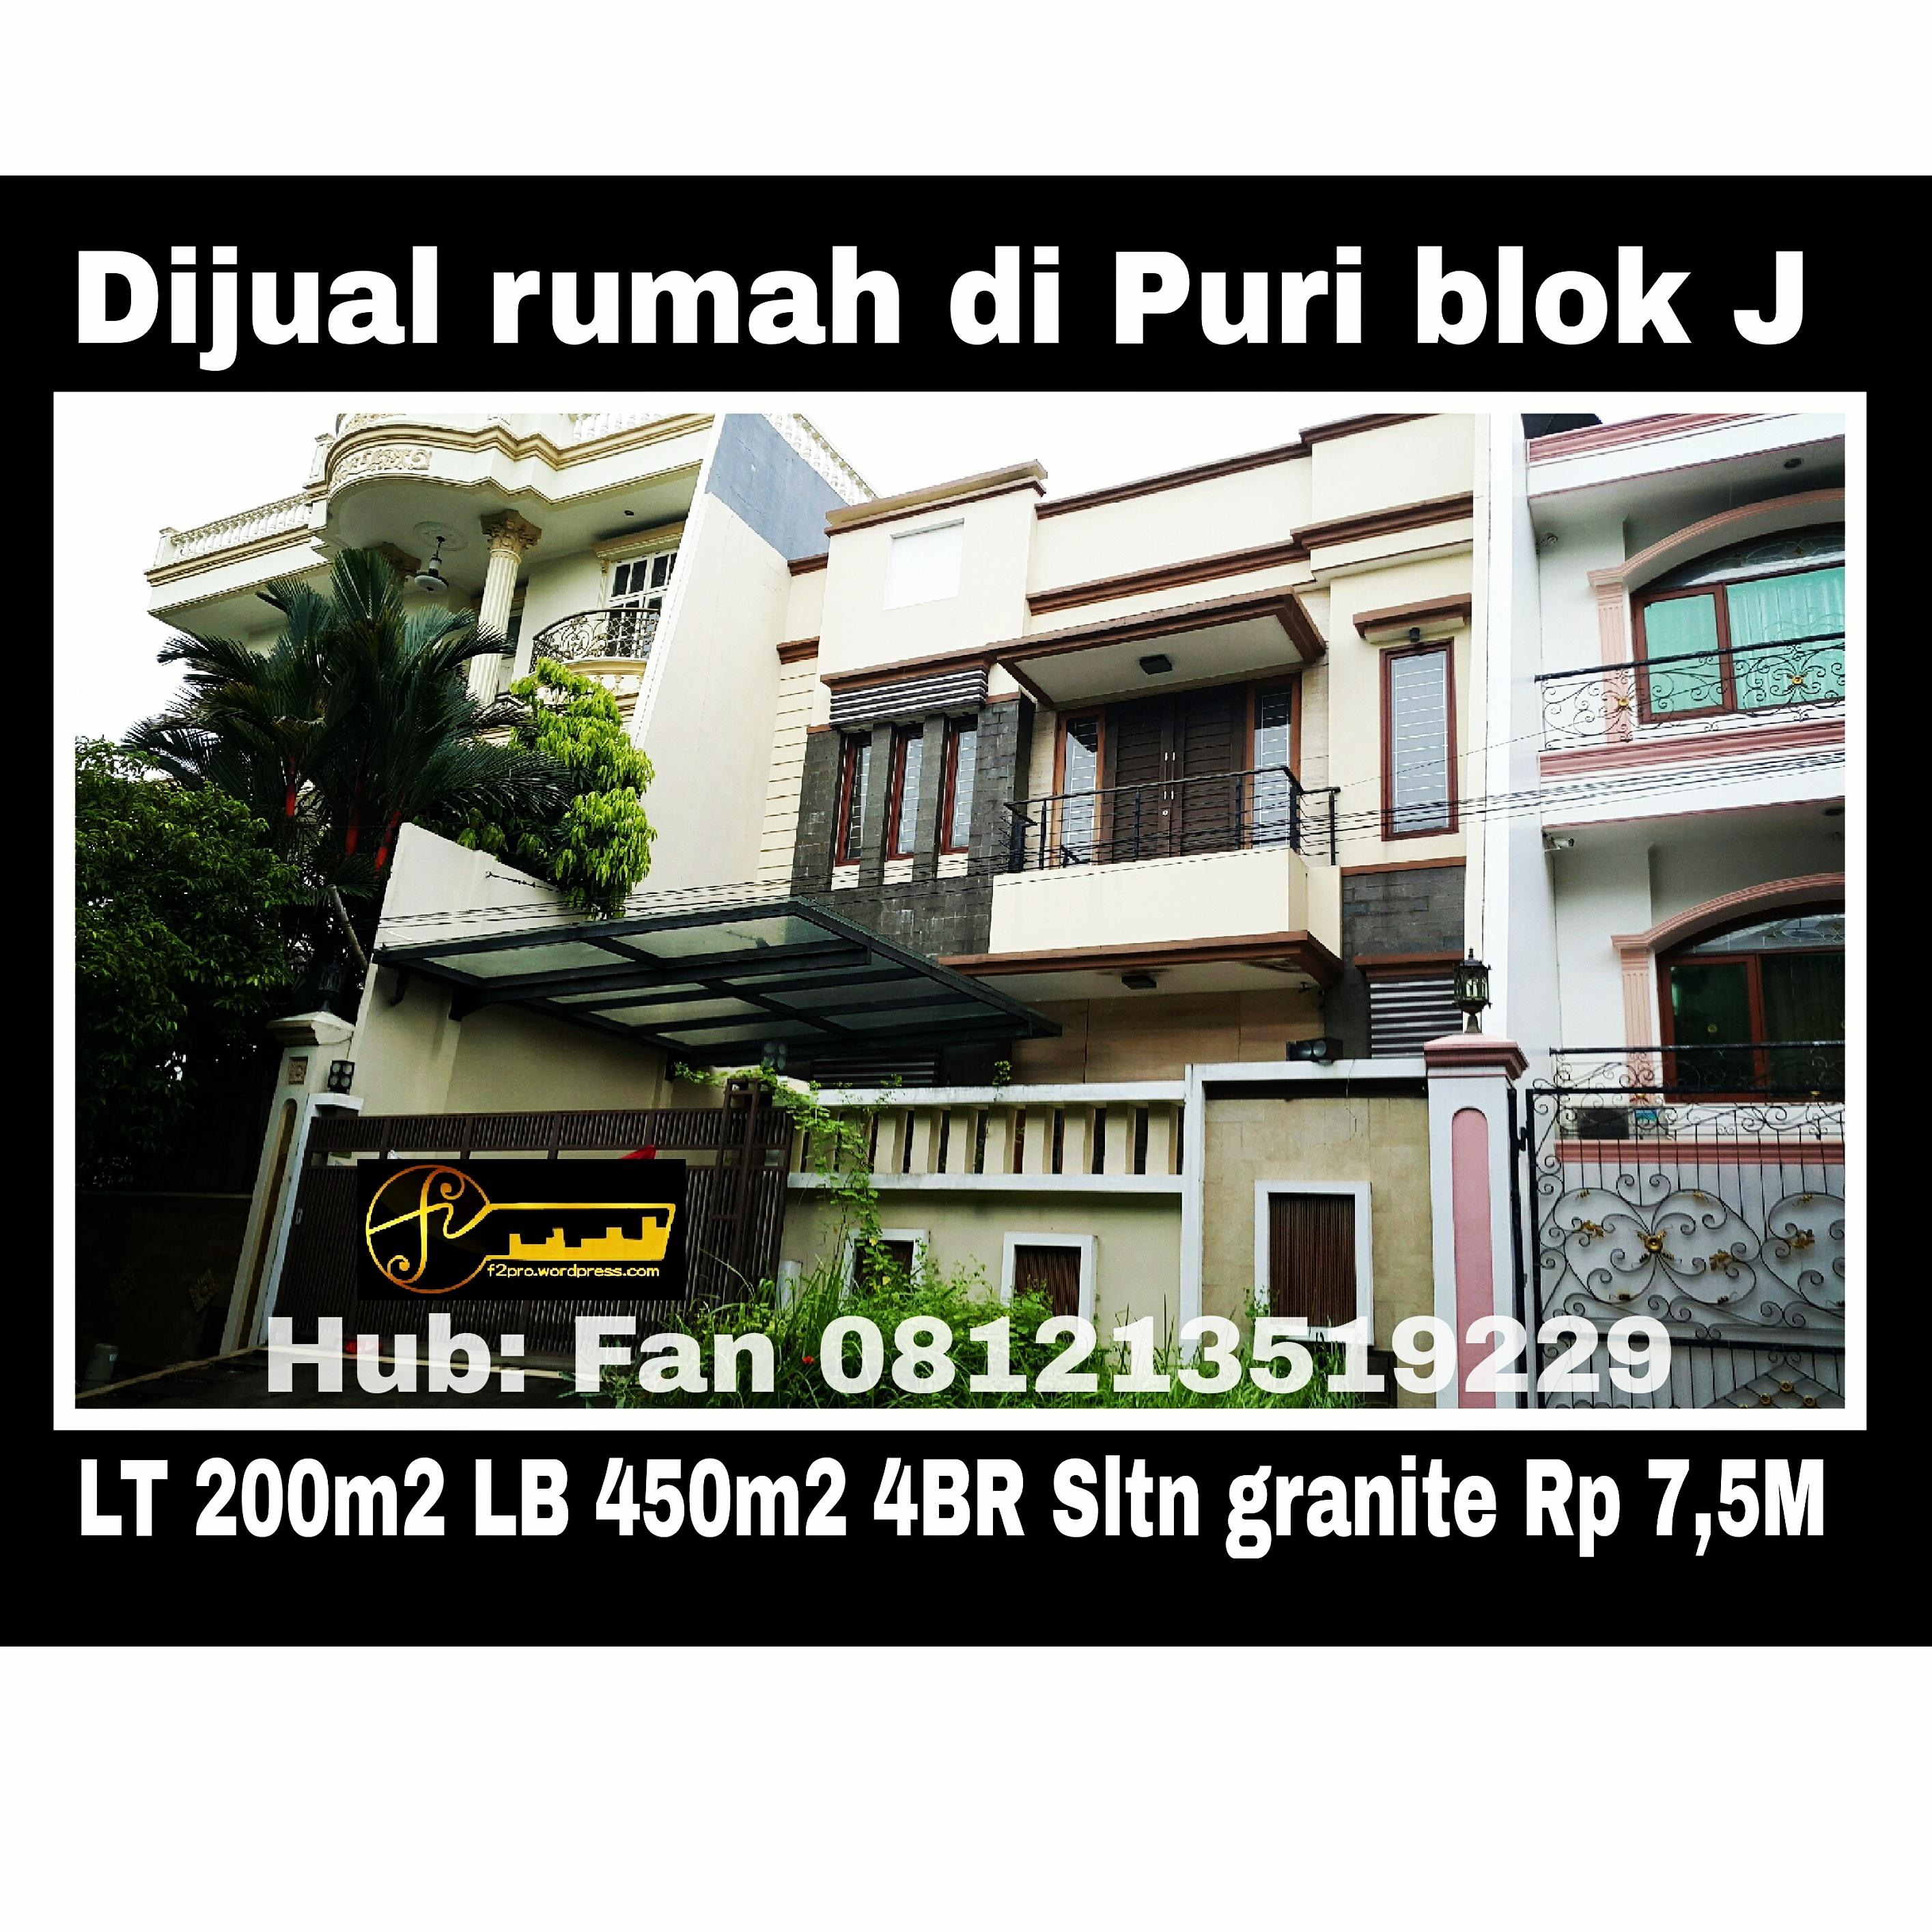 Rumah dijual di Puri blok J14.jpg